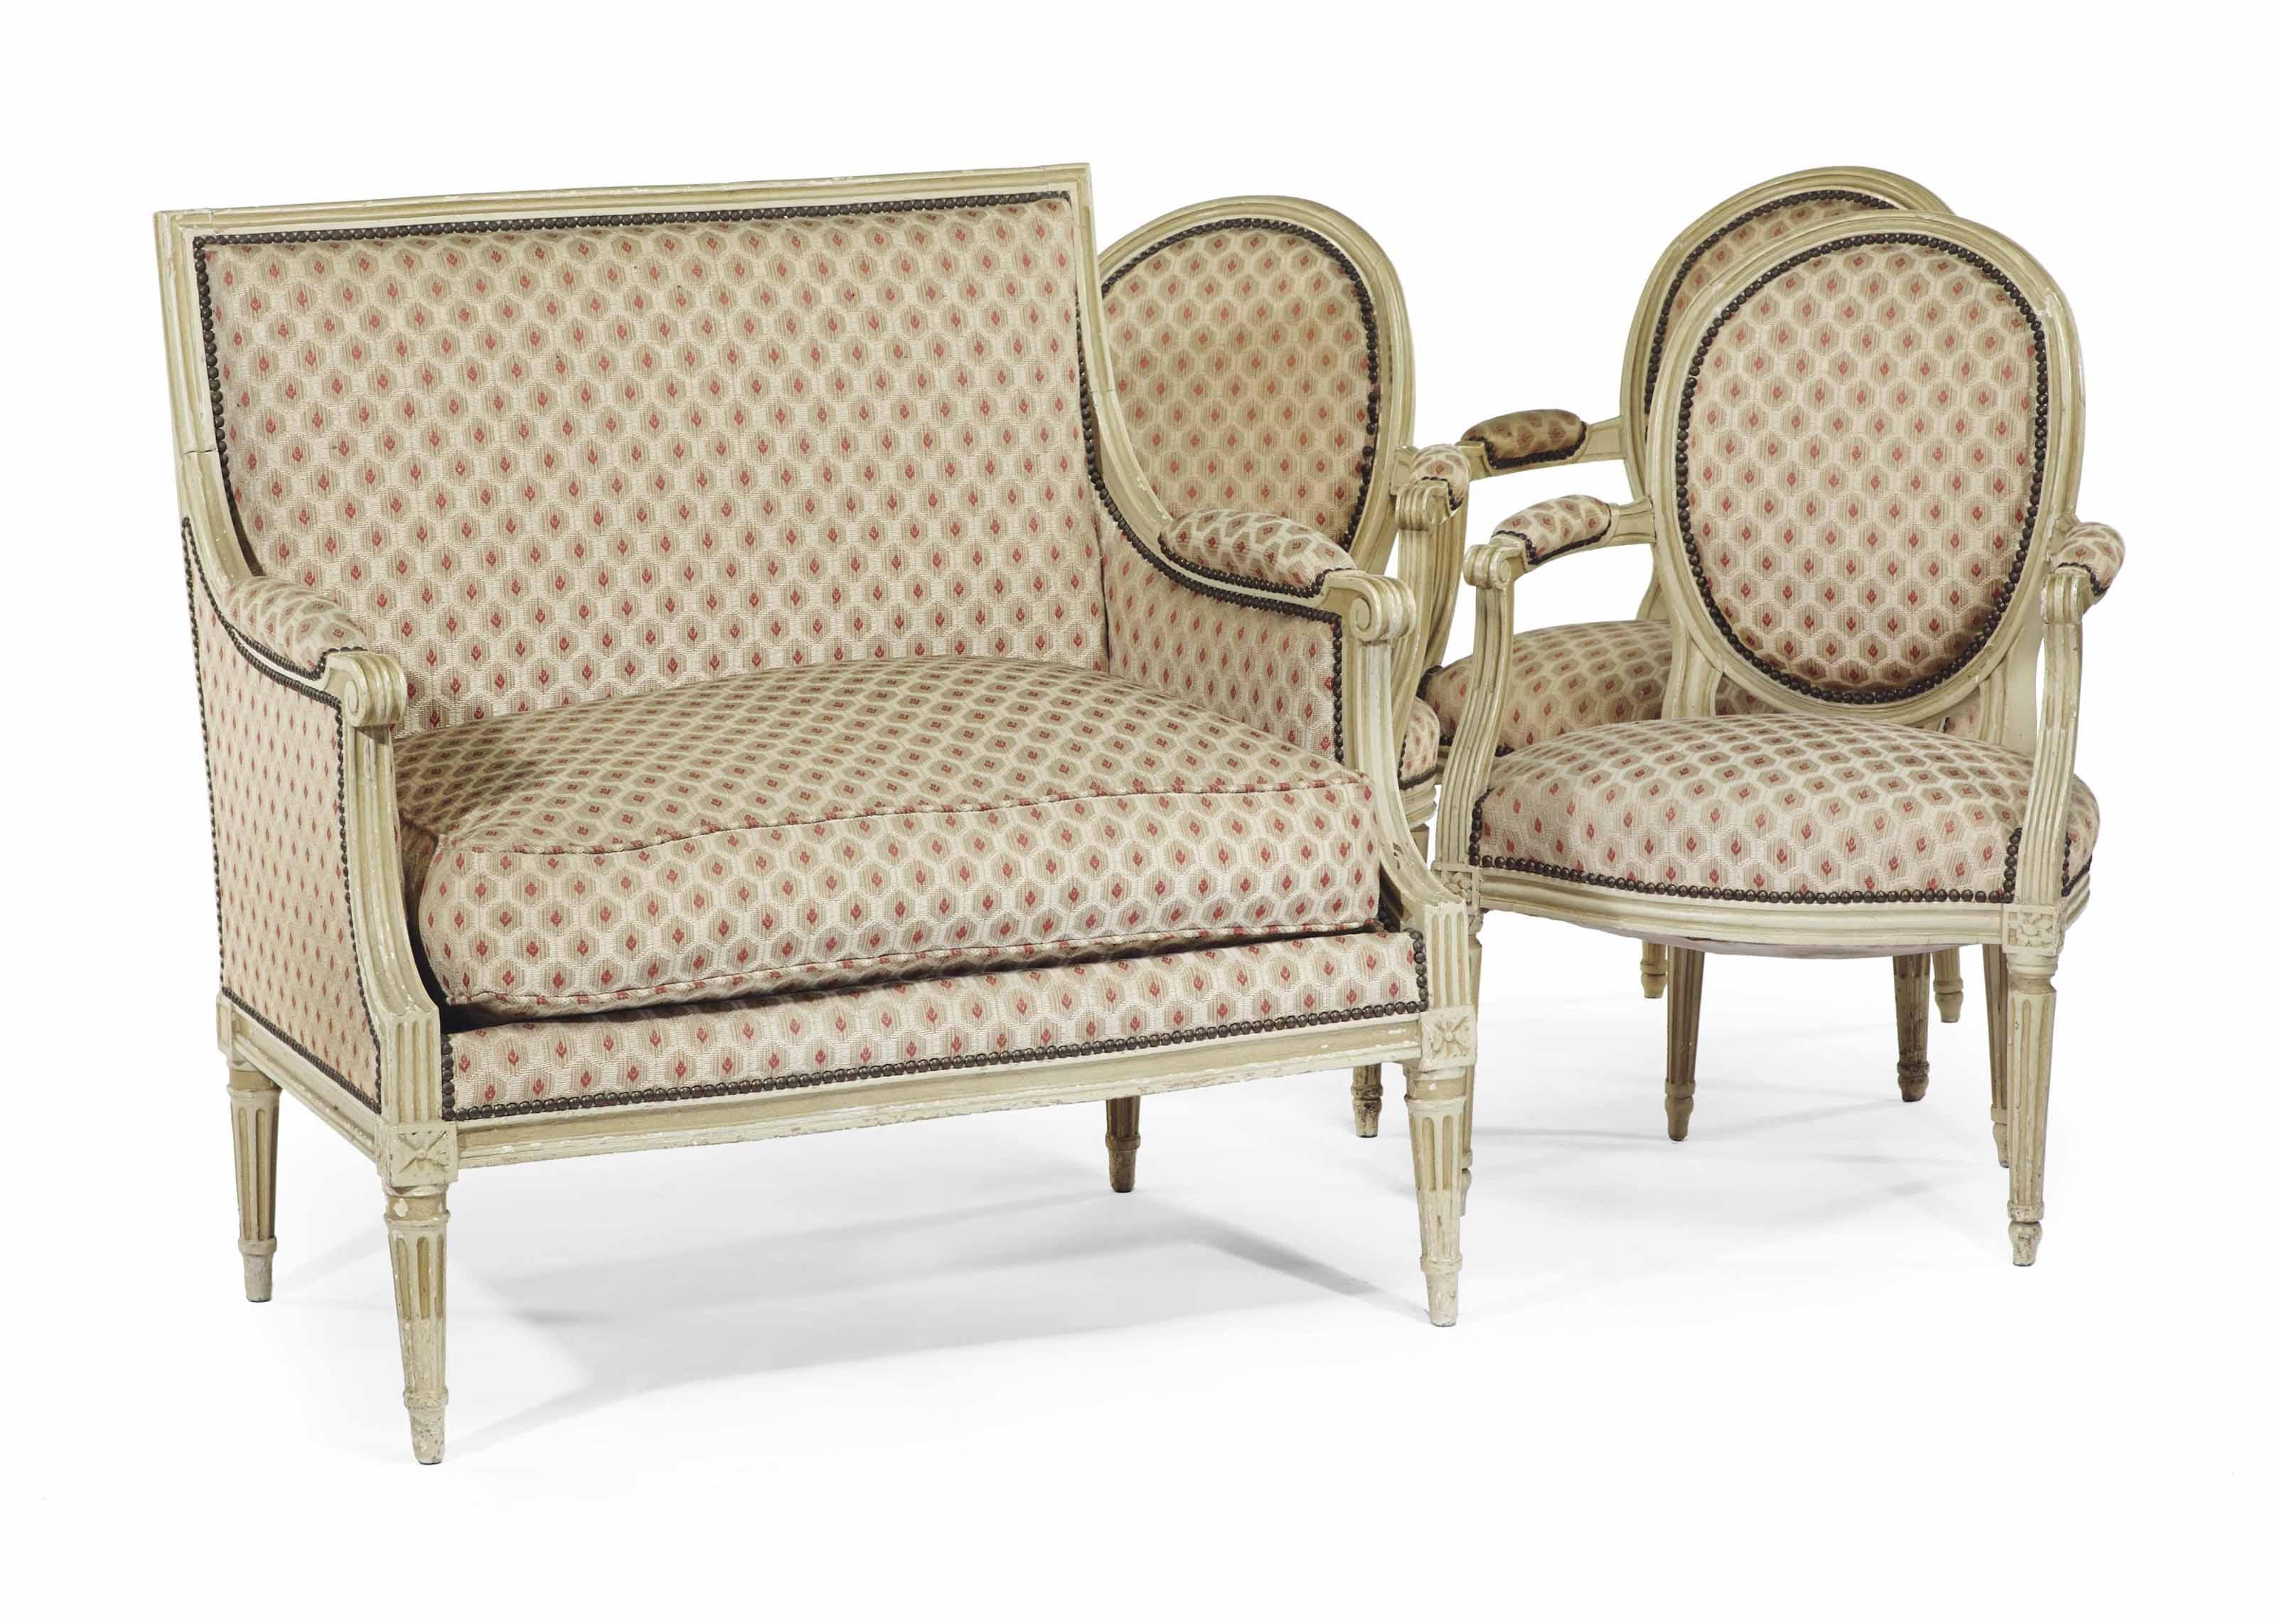 mobilier de salon d 39 epoque louis xvi la marquise estampille de francois claude menant fin du. Black Bedroom Furniture Sets. Home Design Ideas